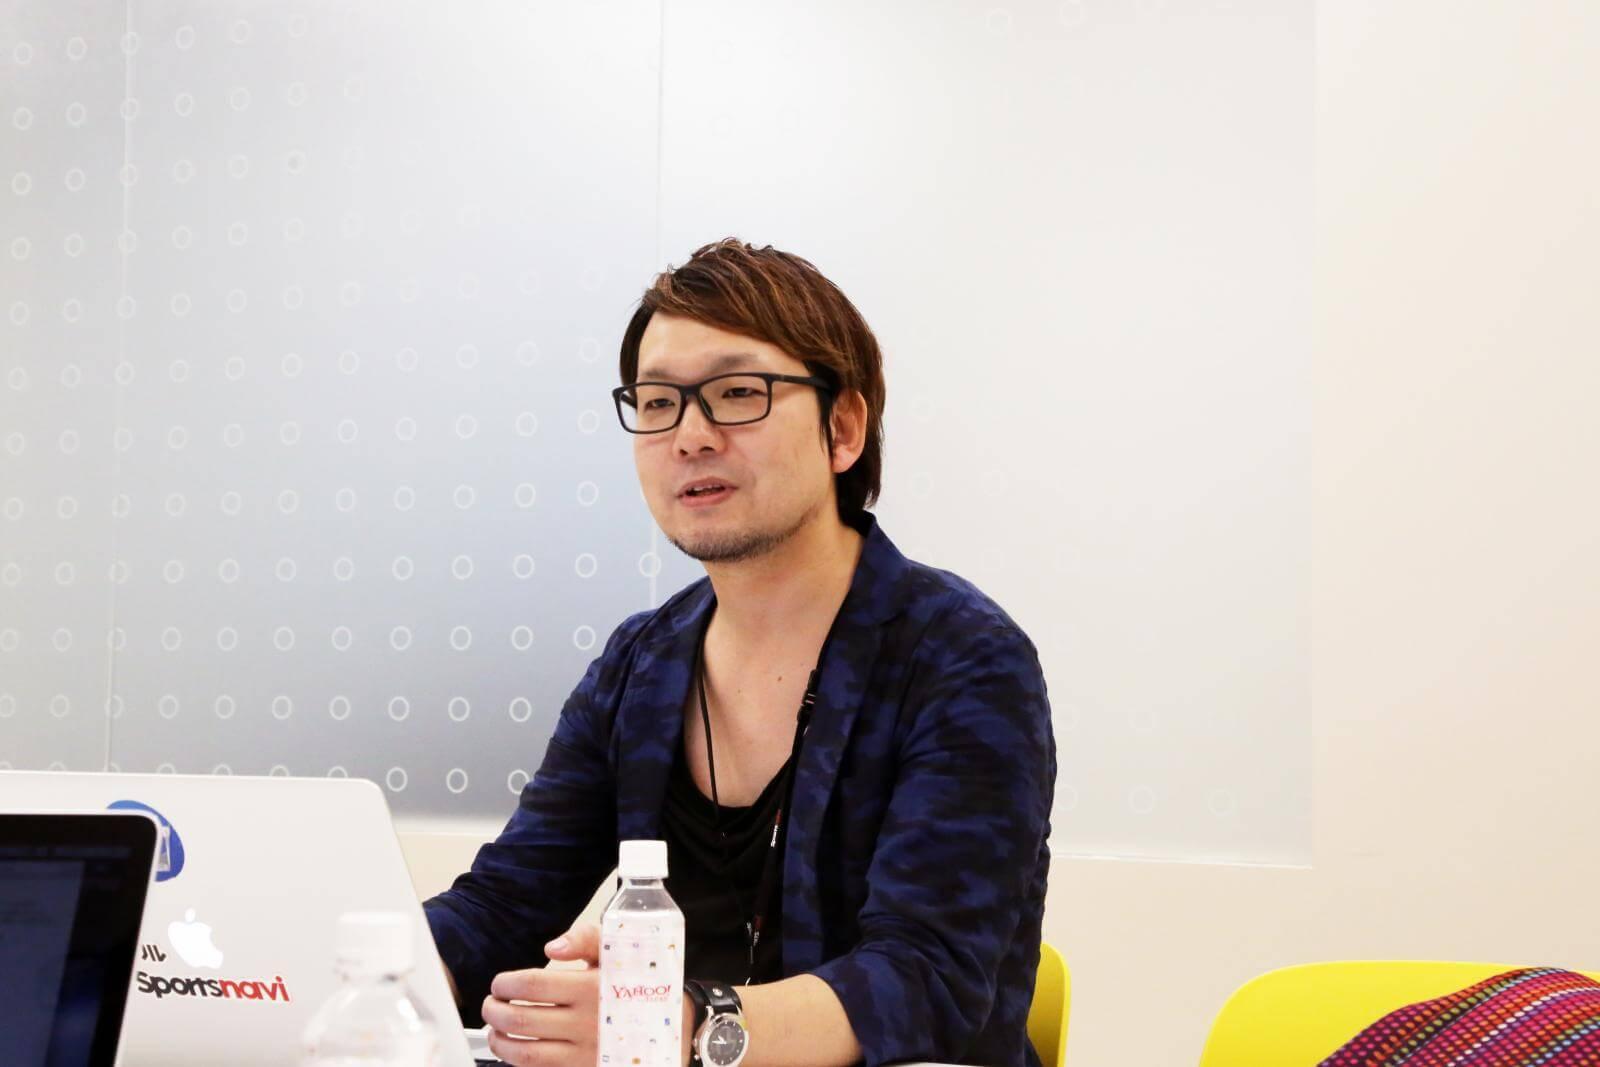 Yahoo!_Kobayashisan1